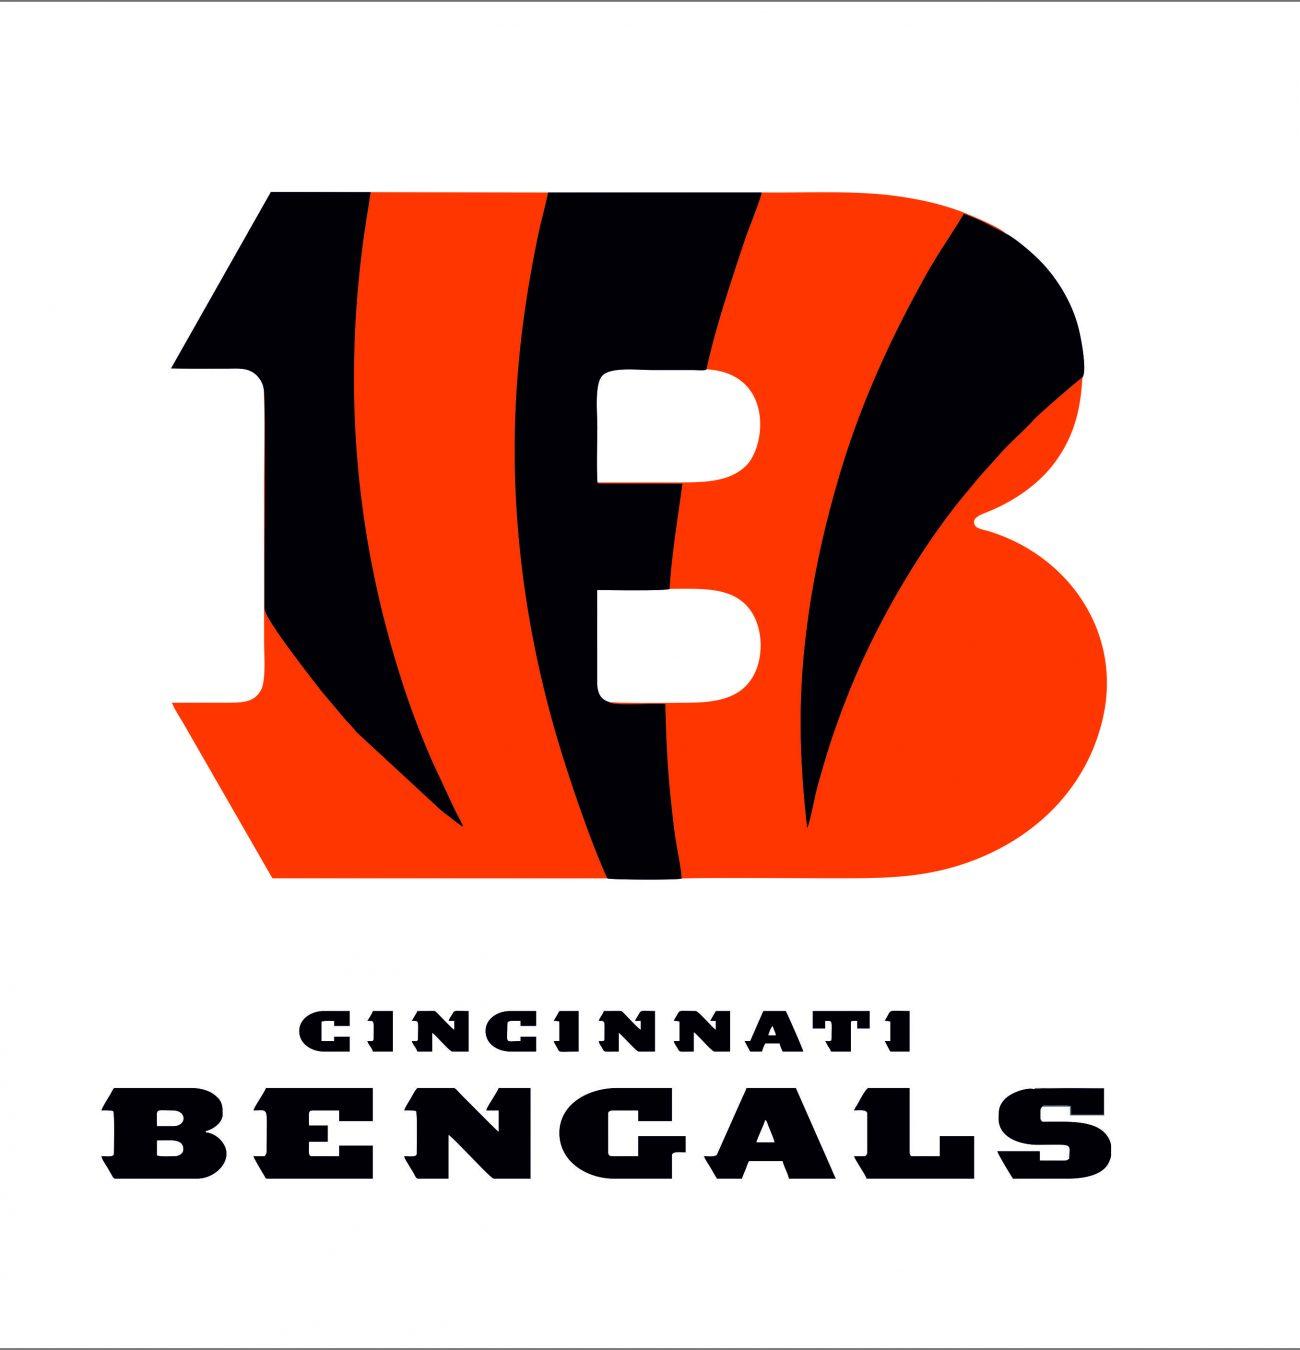 Cincinnati Bengals1